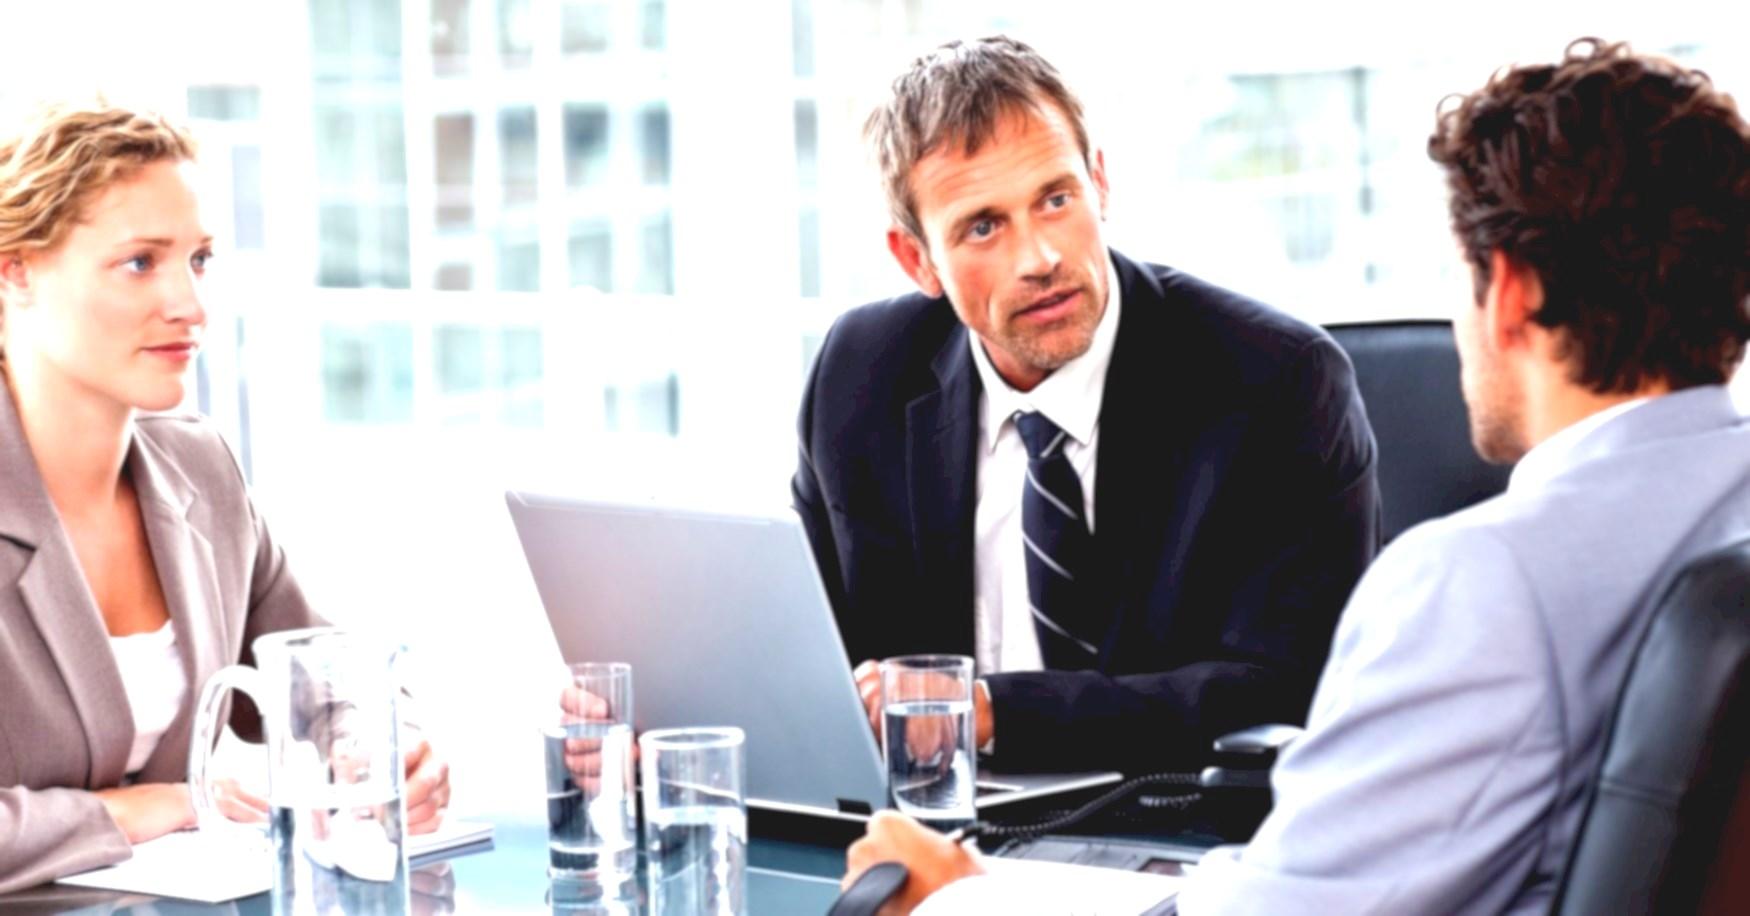 Une école management pour apprendre à manager